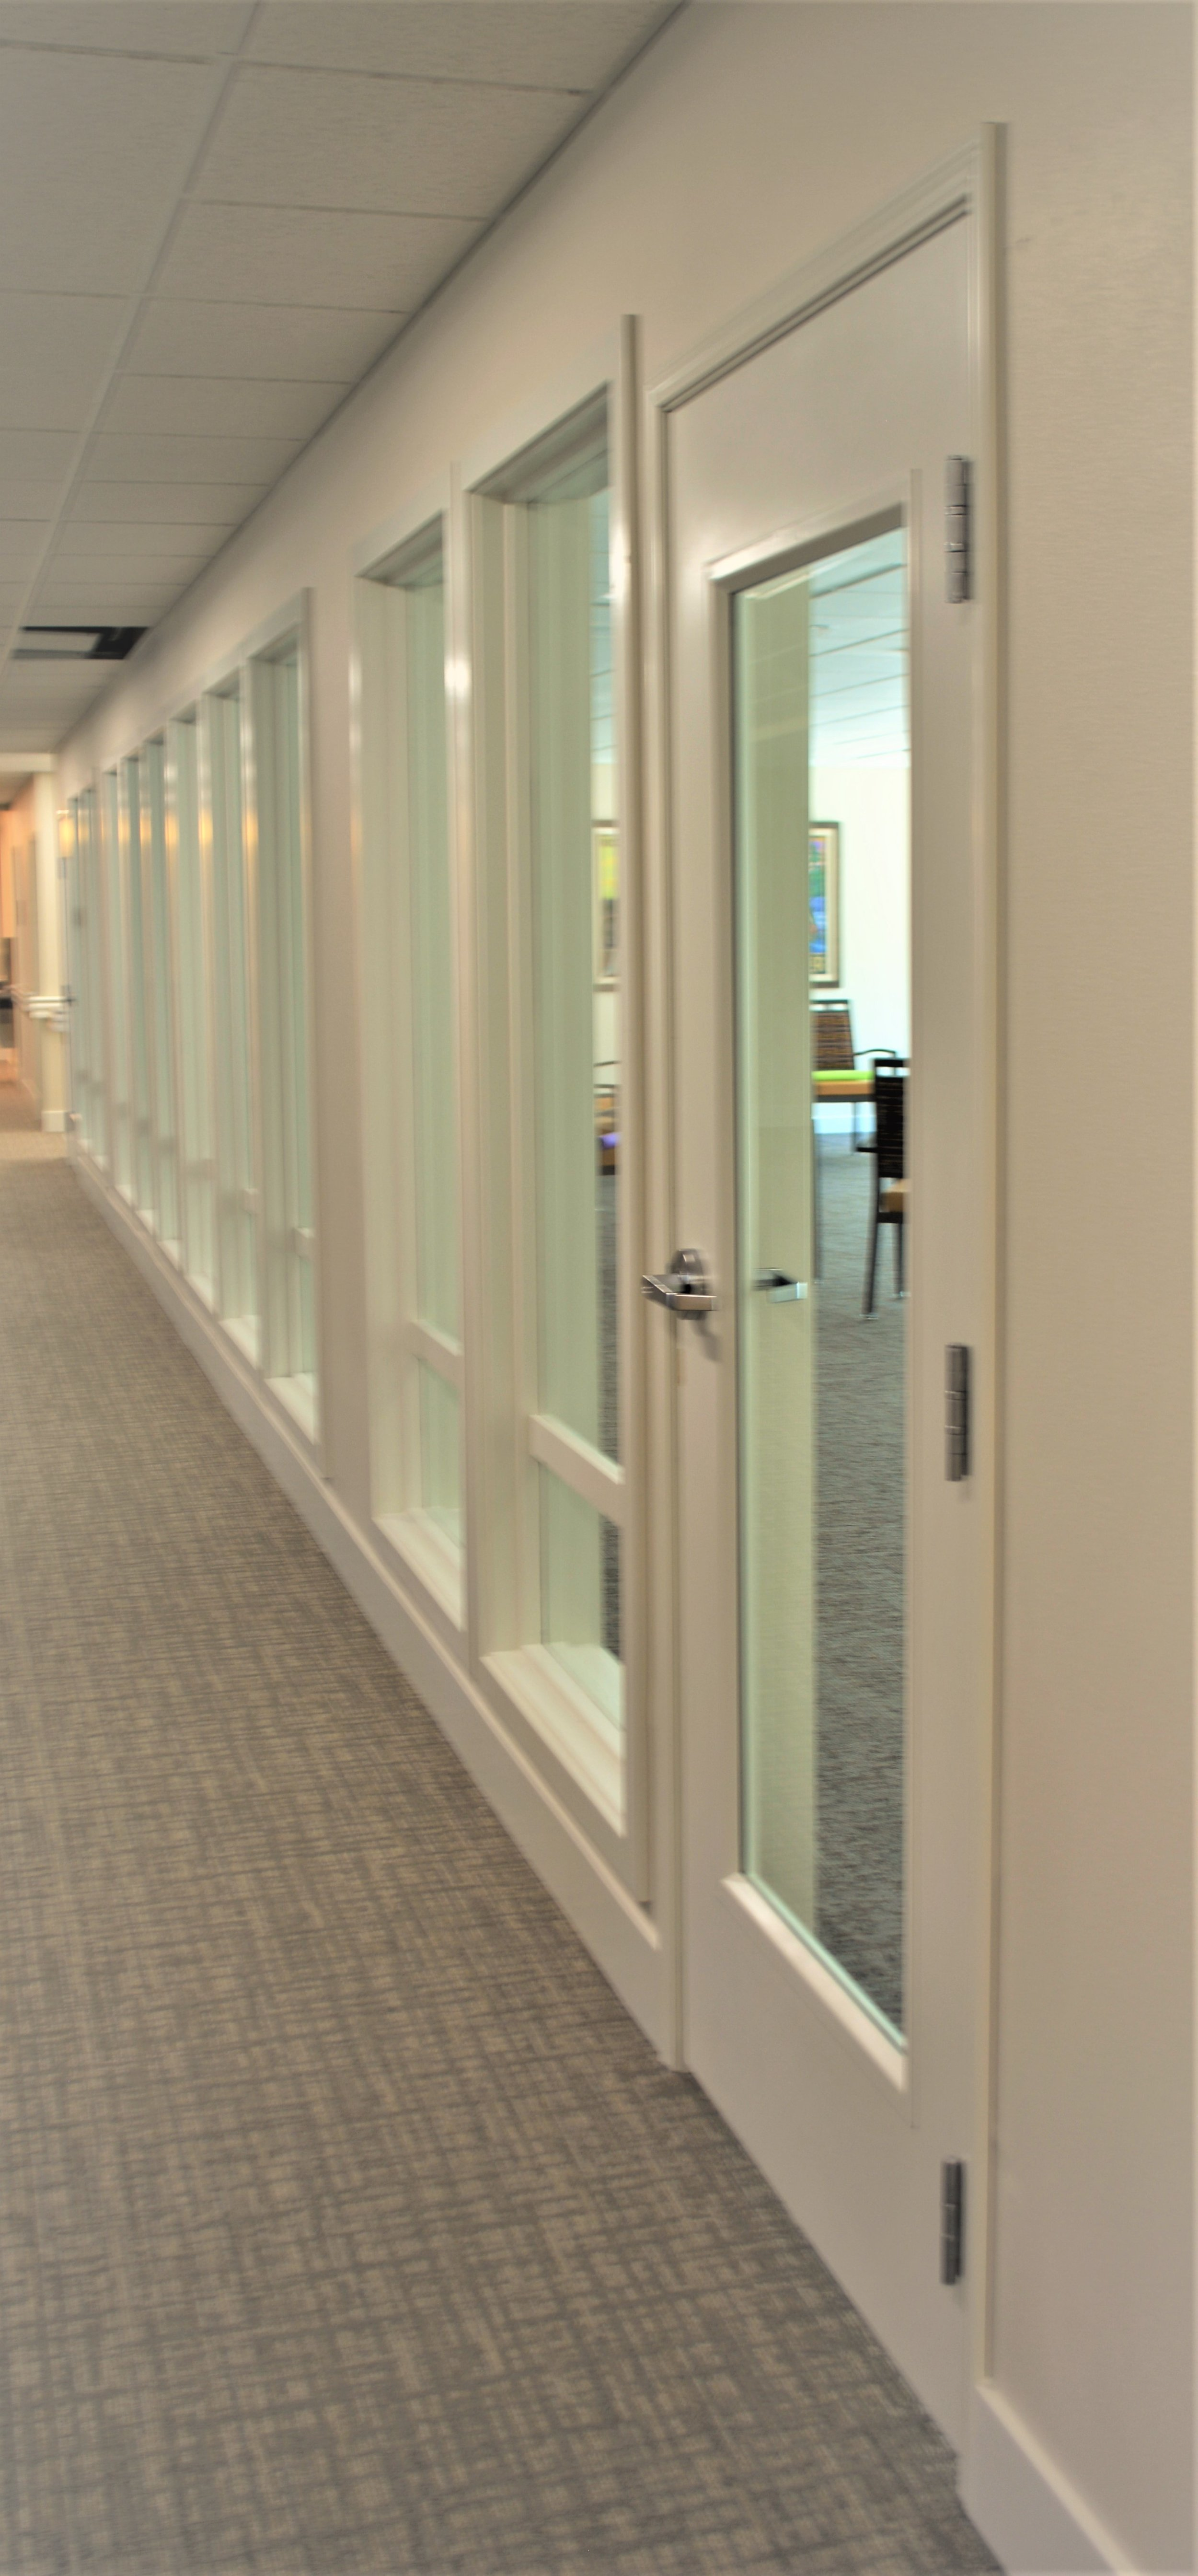 gym door and windows trims.JPG